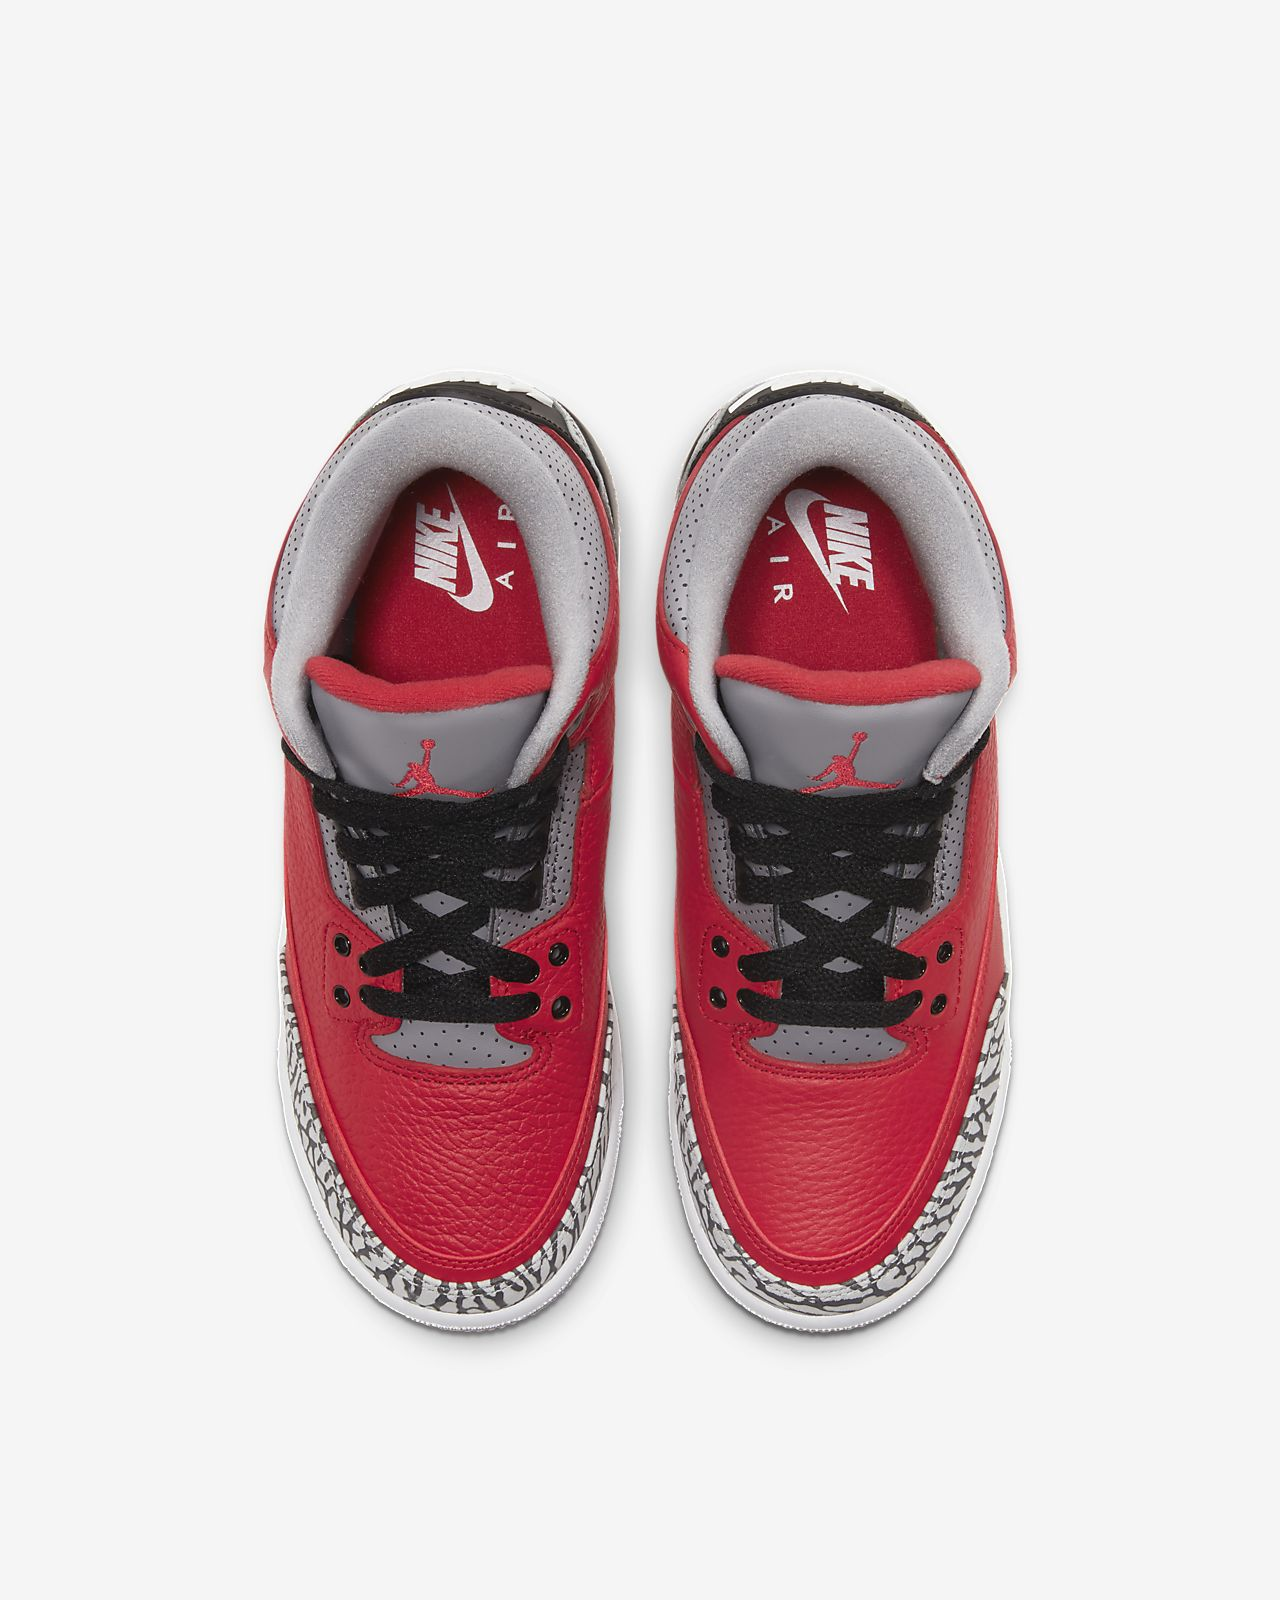 Buty dla dużych dzieci Air Jordan 3 Retro SE